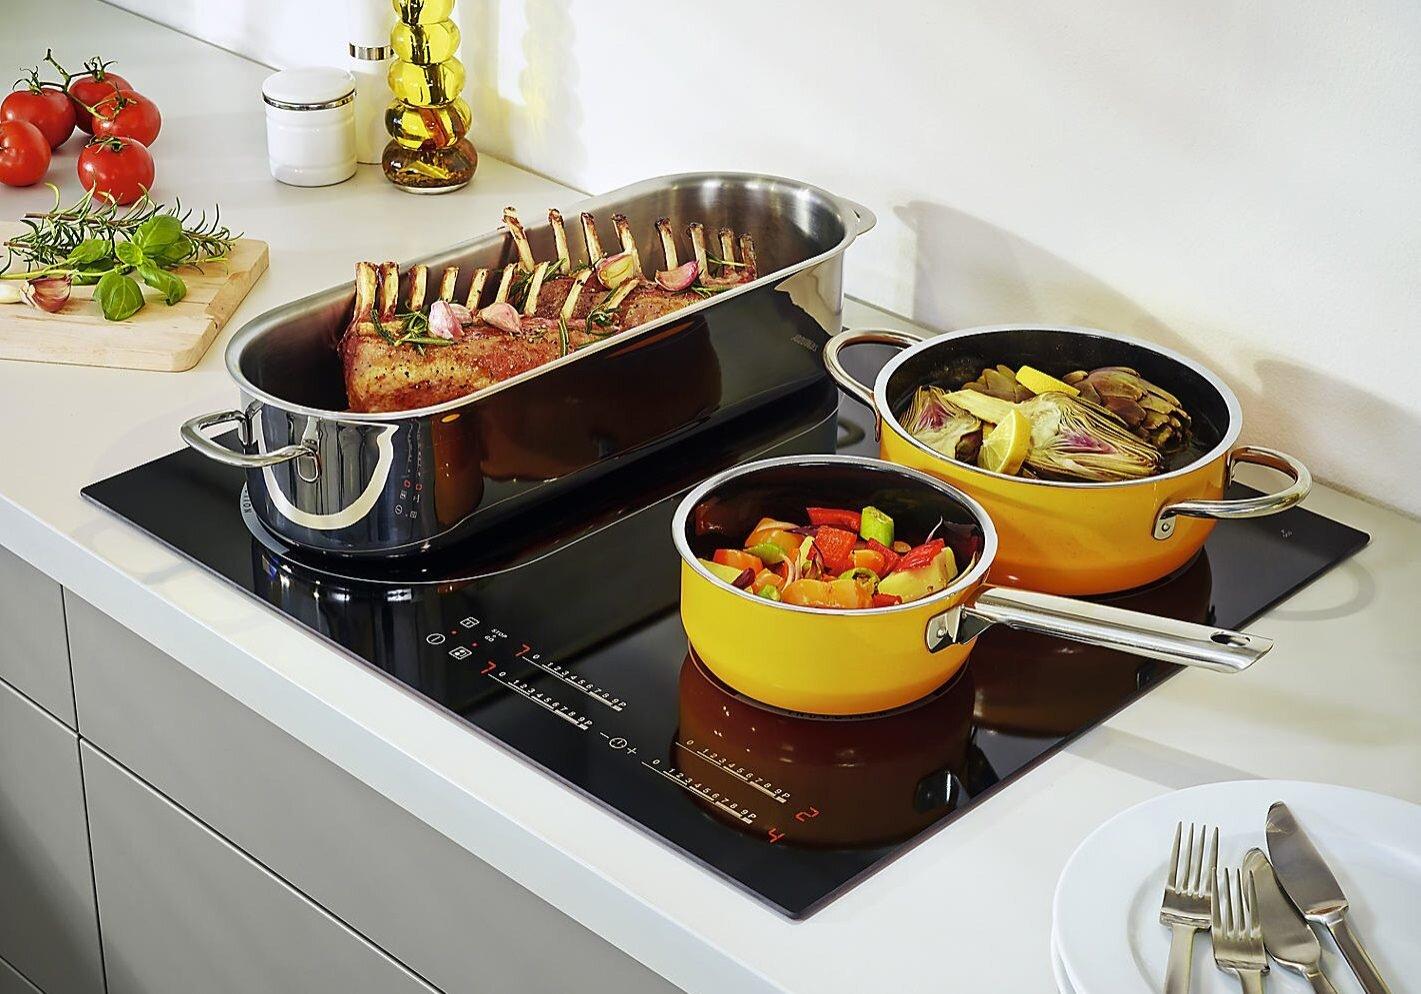 Bếp từ và bếp hồng ngoại nên mua loại nào? Bếp từ thường có giá cao hơn so với bếp hồng ngoại